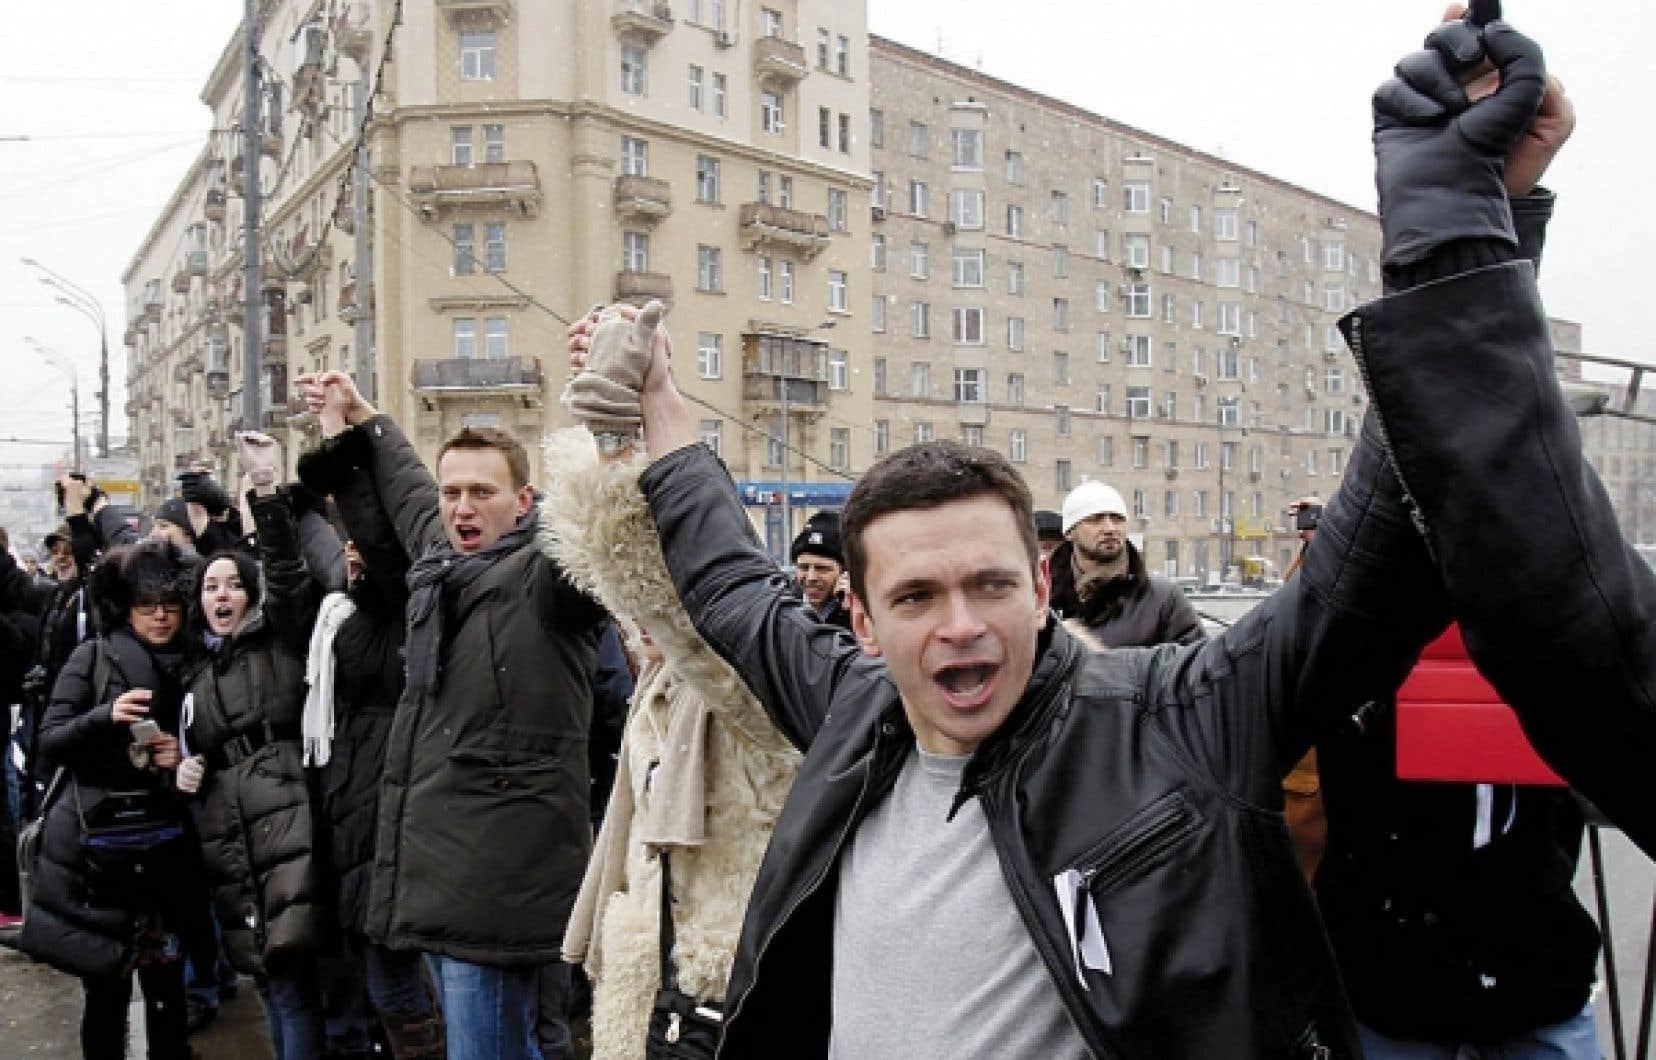 L'activiste et blogueur Alexei Navalny (au centre, foulard gris) participe à une chaîne humaine formée autour du centre de Moscou, dimanche dernier, par des centaines d'opposants au retour de Vladimir Poutine au poste de président.<br />